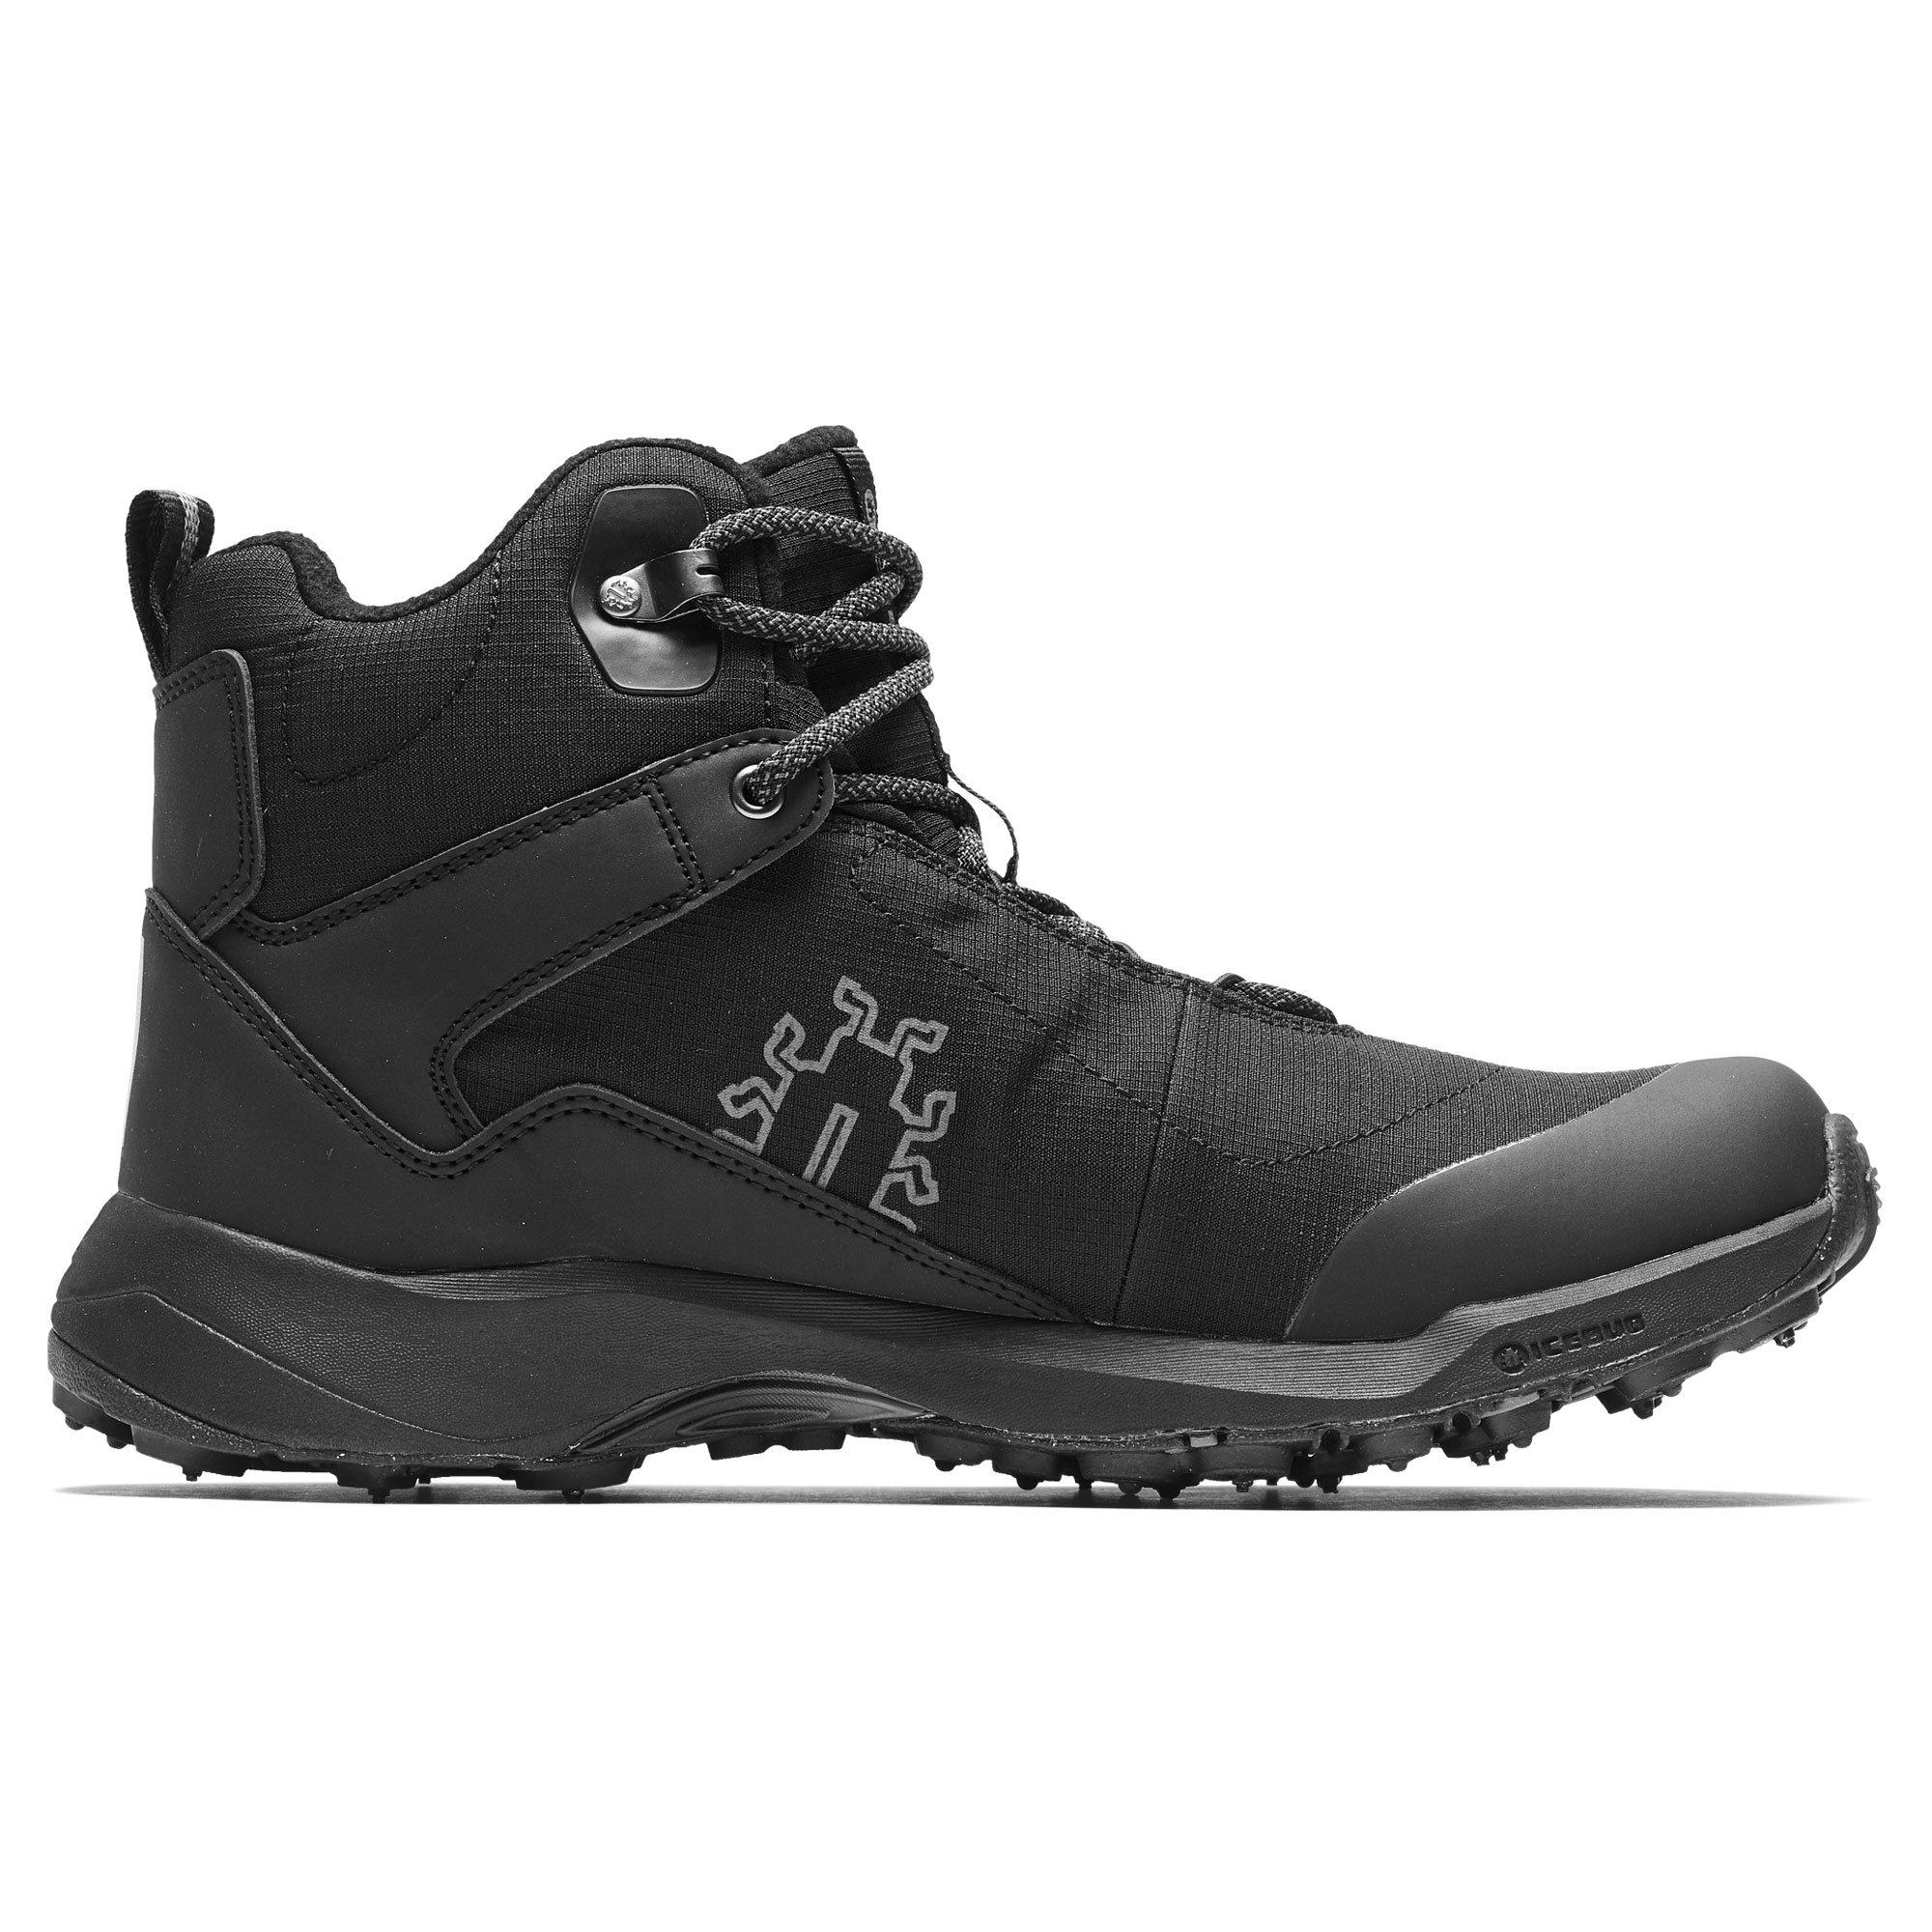 Pace 3 BUGrip GTX Boot - Men's